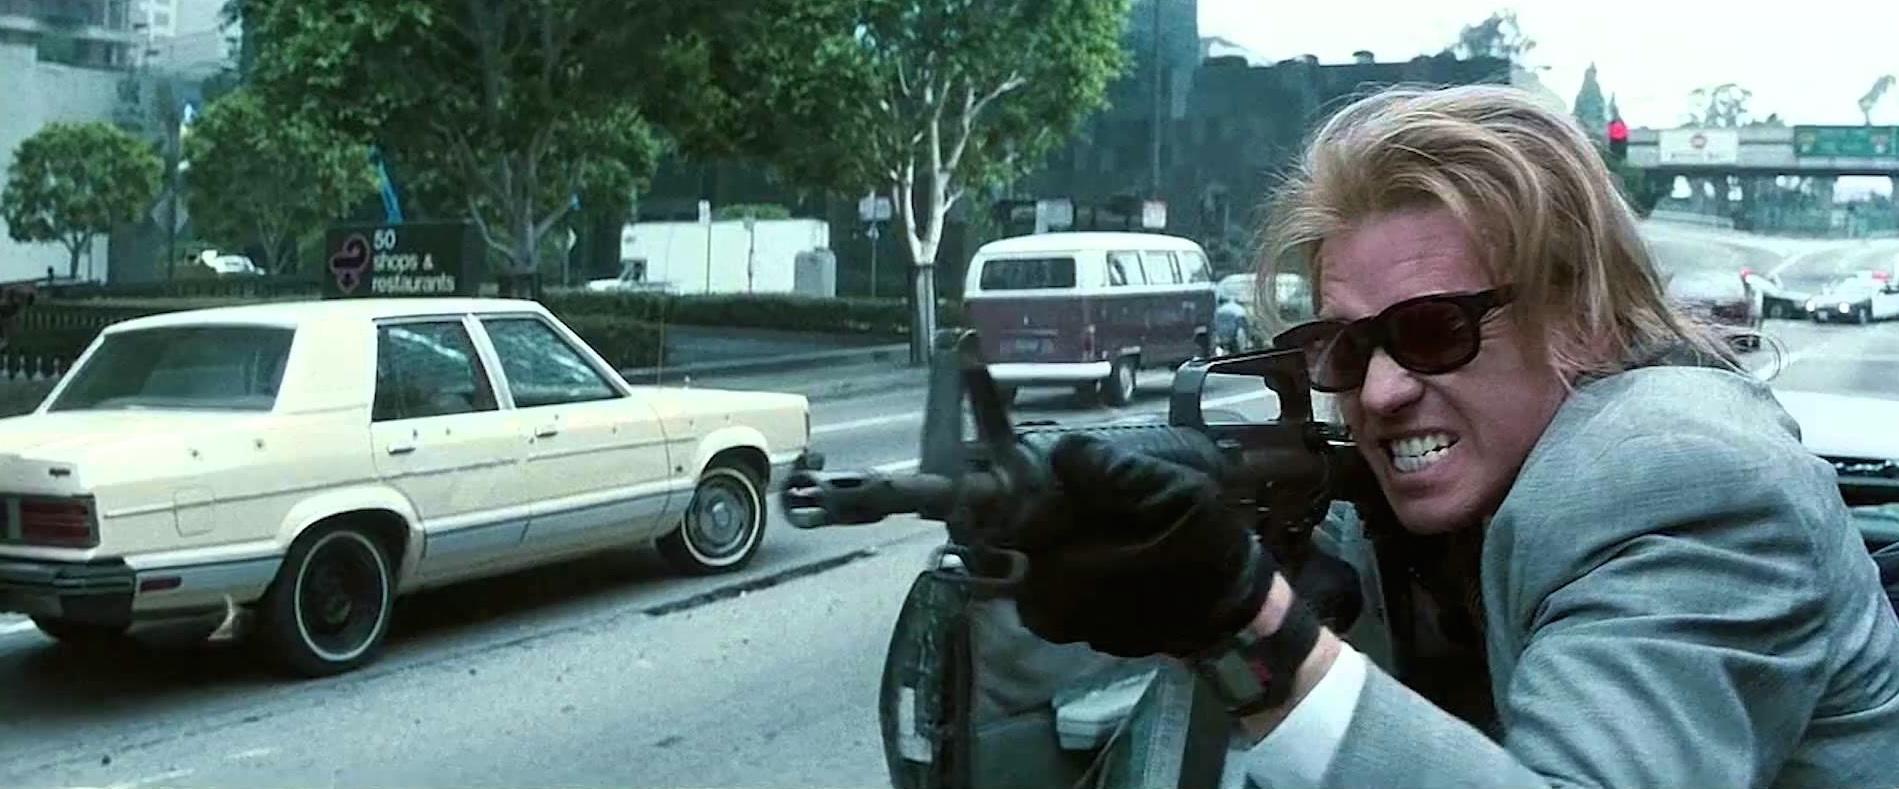 Val Kilmer in Heat